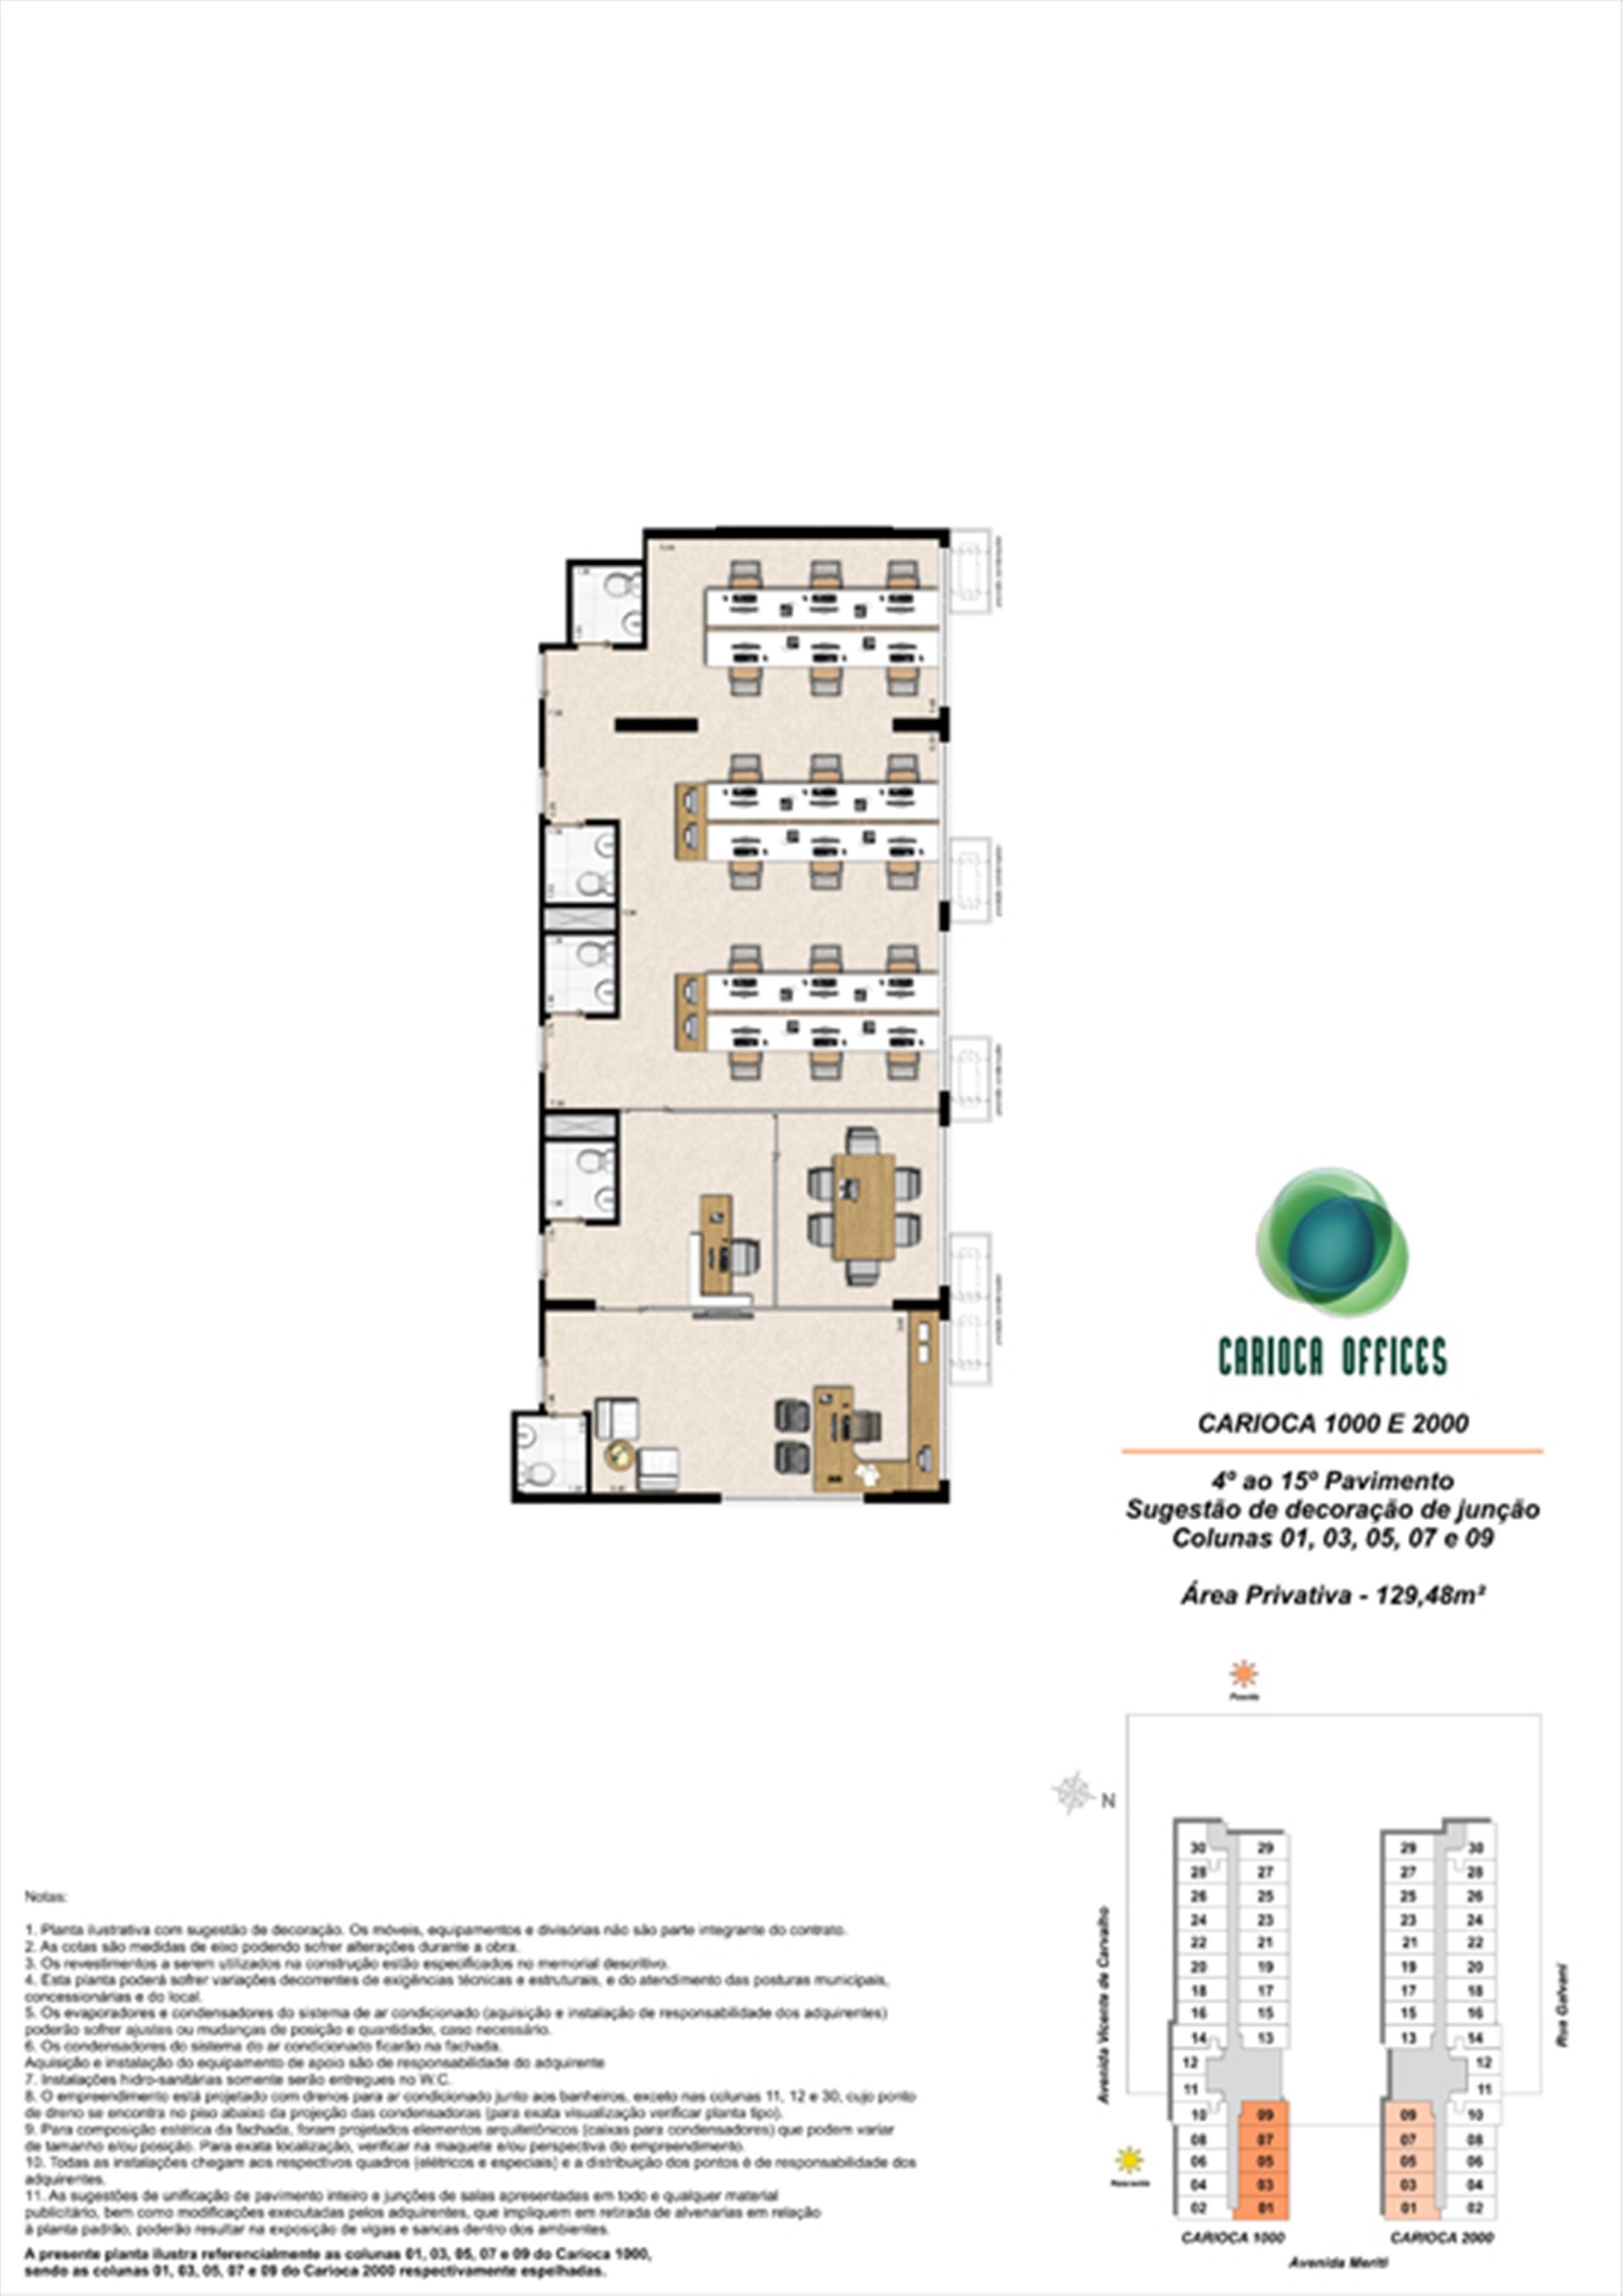 Sugestão de decoração de junção - Carioca 1000 e 2000 - colunas 01, 03, 05, 07 e 09 - 4º ao 15º Pavimento | Carioca Offices – Salas Comerciais na  Vila da Penha - Rio de Janeiro - Rio de Janeiro